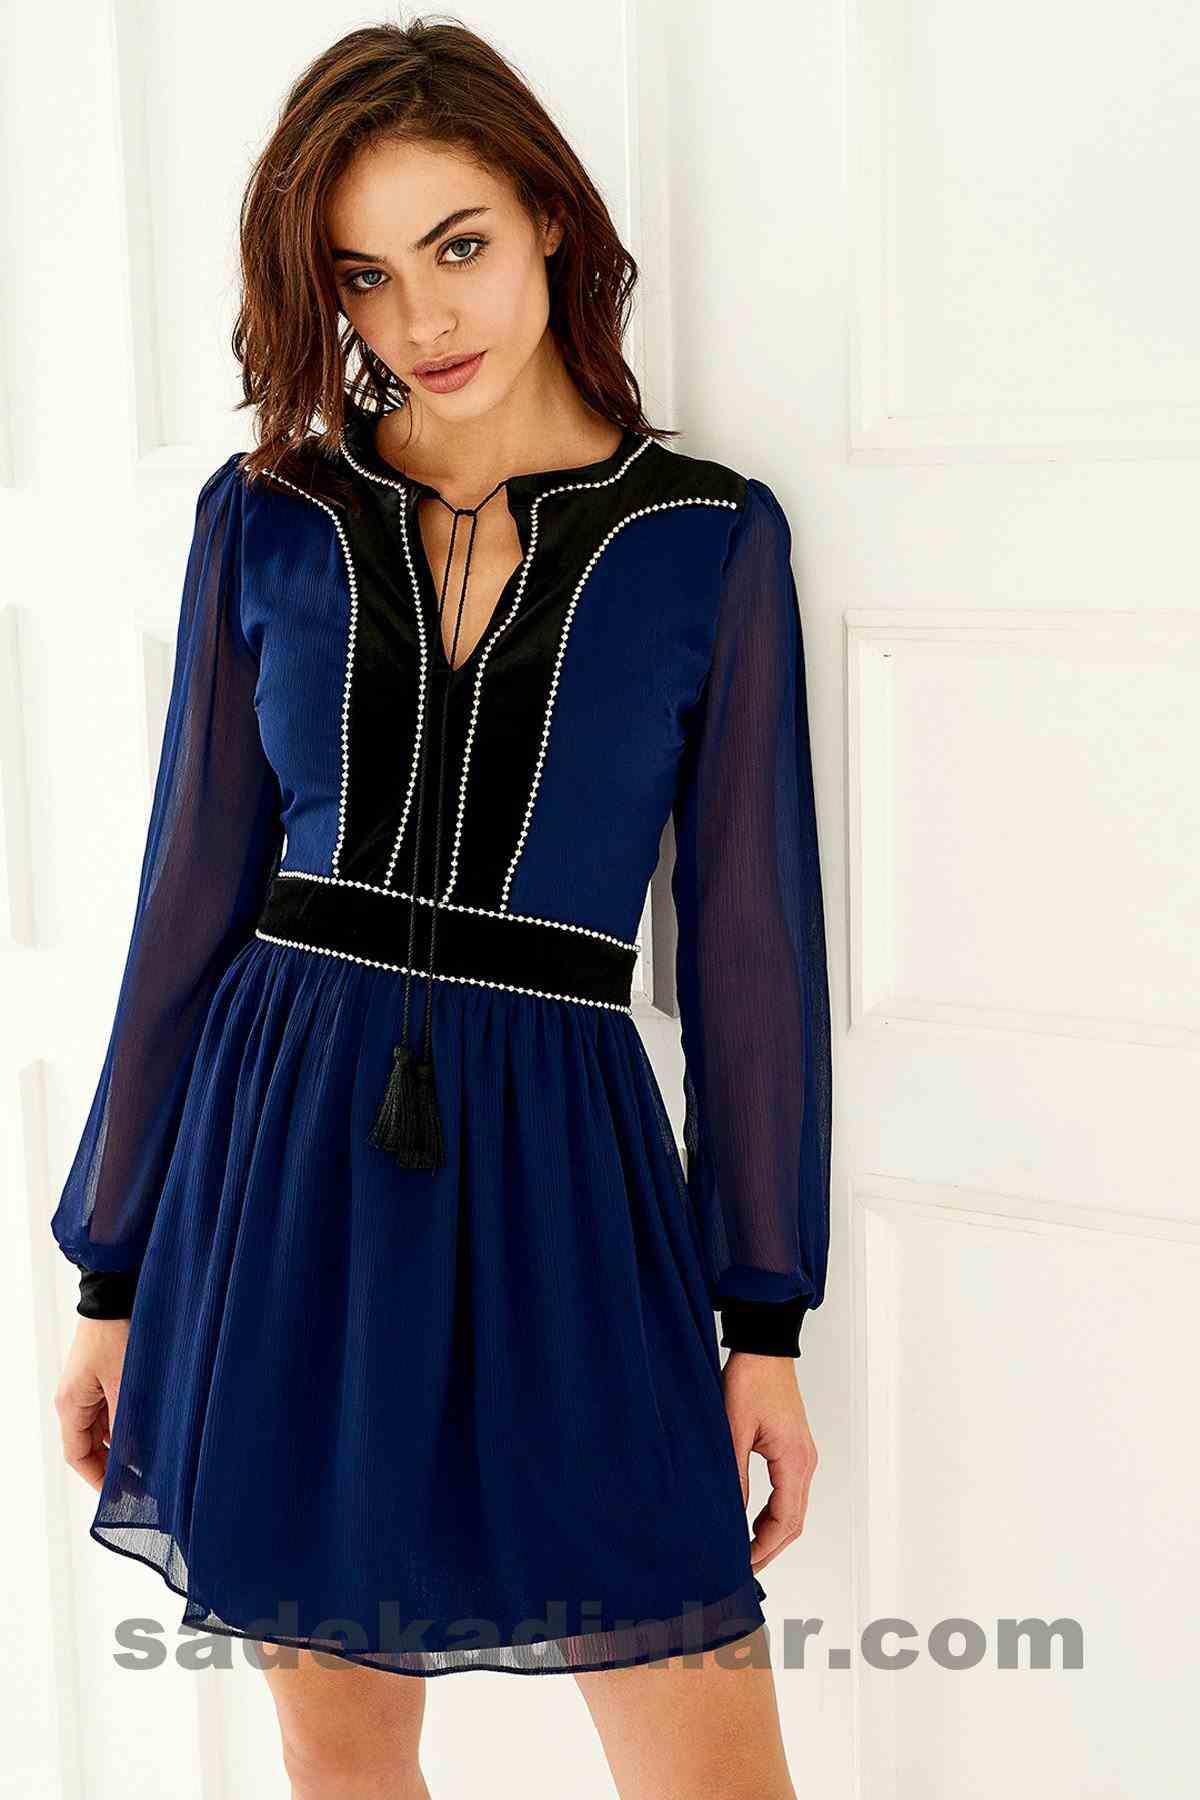 Abiye Elbise Modelleri Şık ve Güzel 2019 Gece Elbiseleri Lacivert Siyah Bantlı Kısa